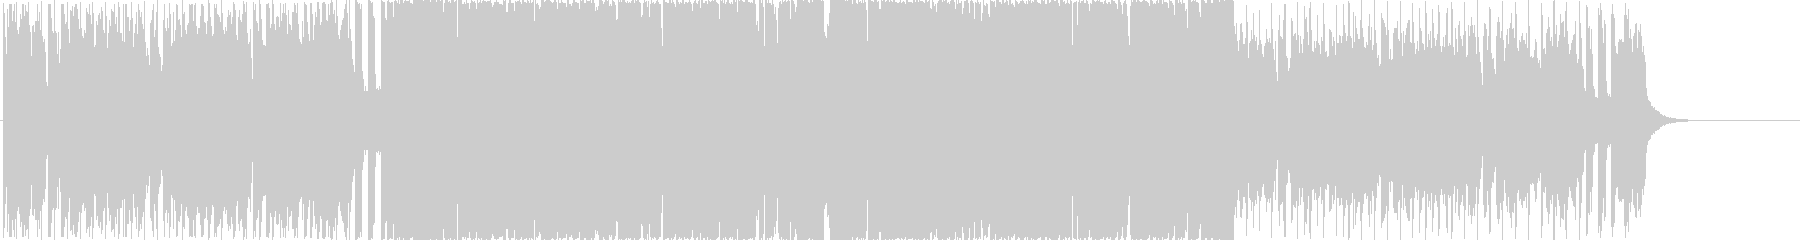 ピアノ入りEDMの未再生の波形